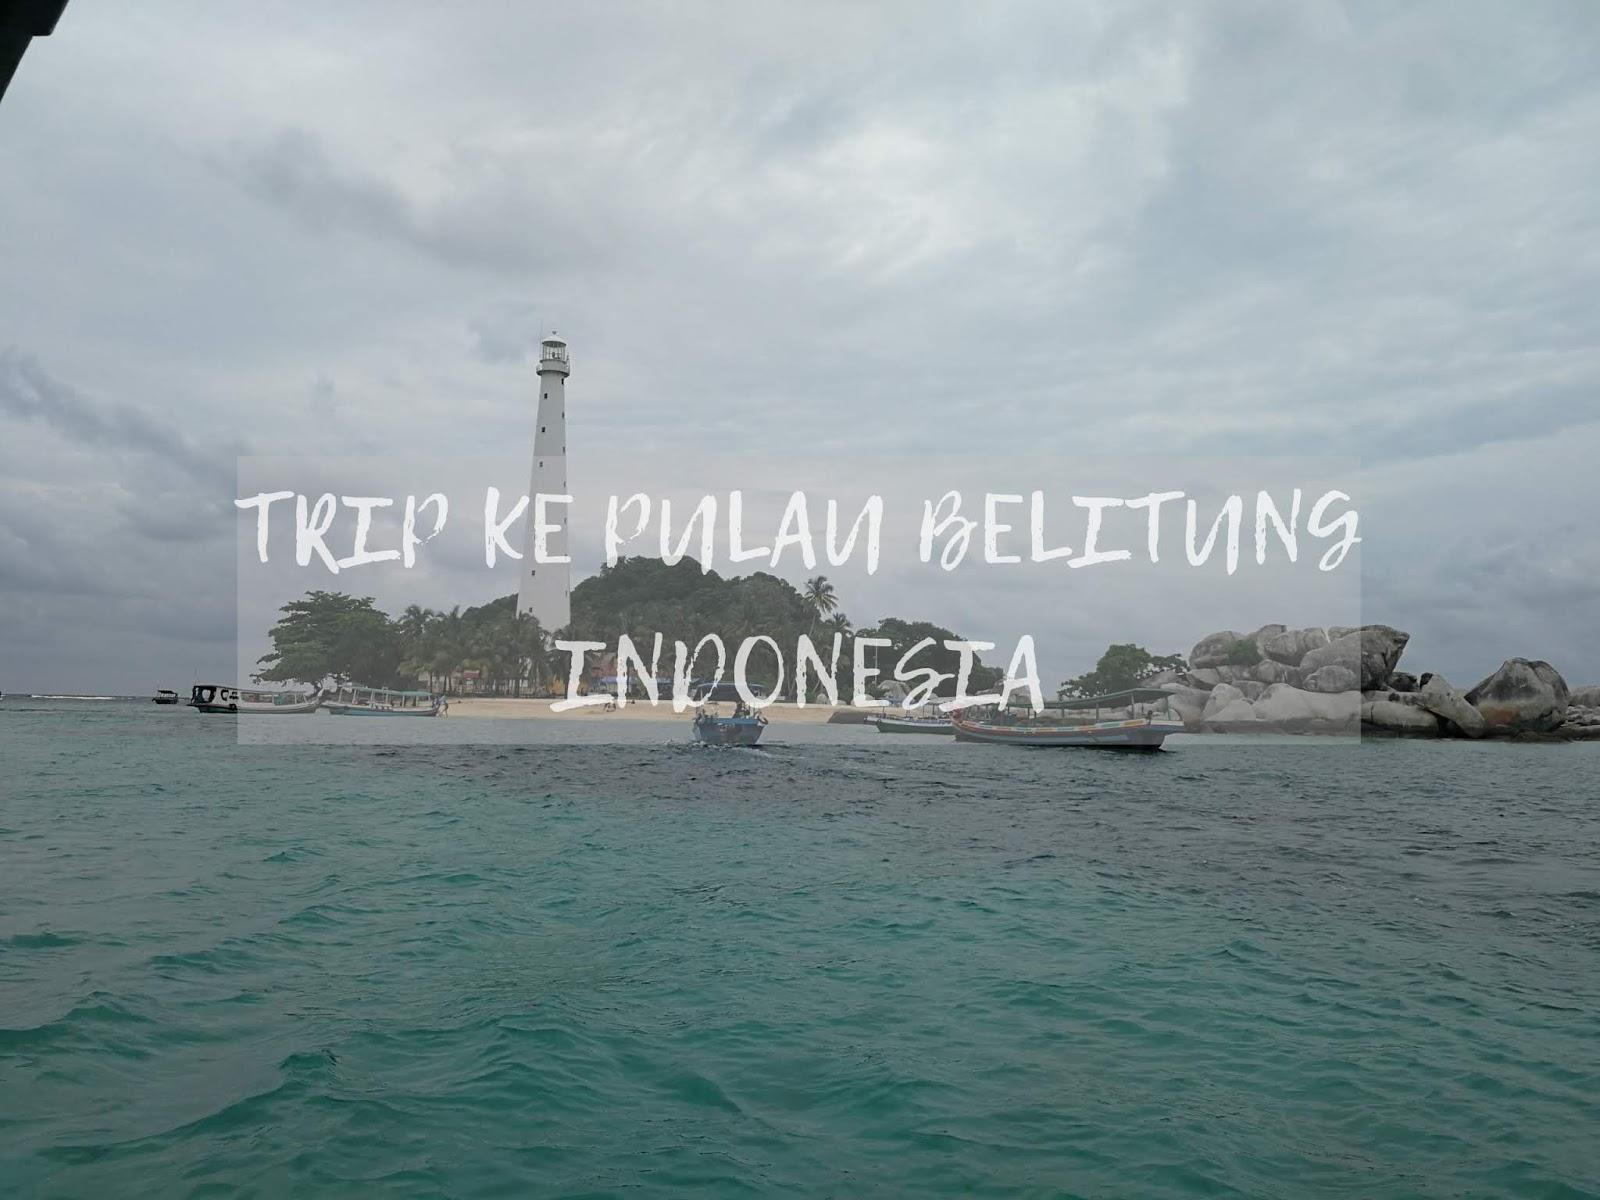 PULAU BELITUNG INDONESIA